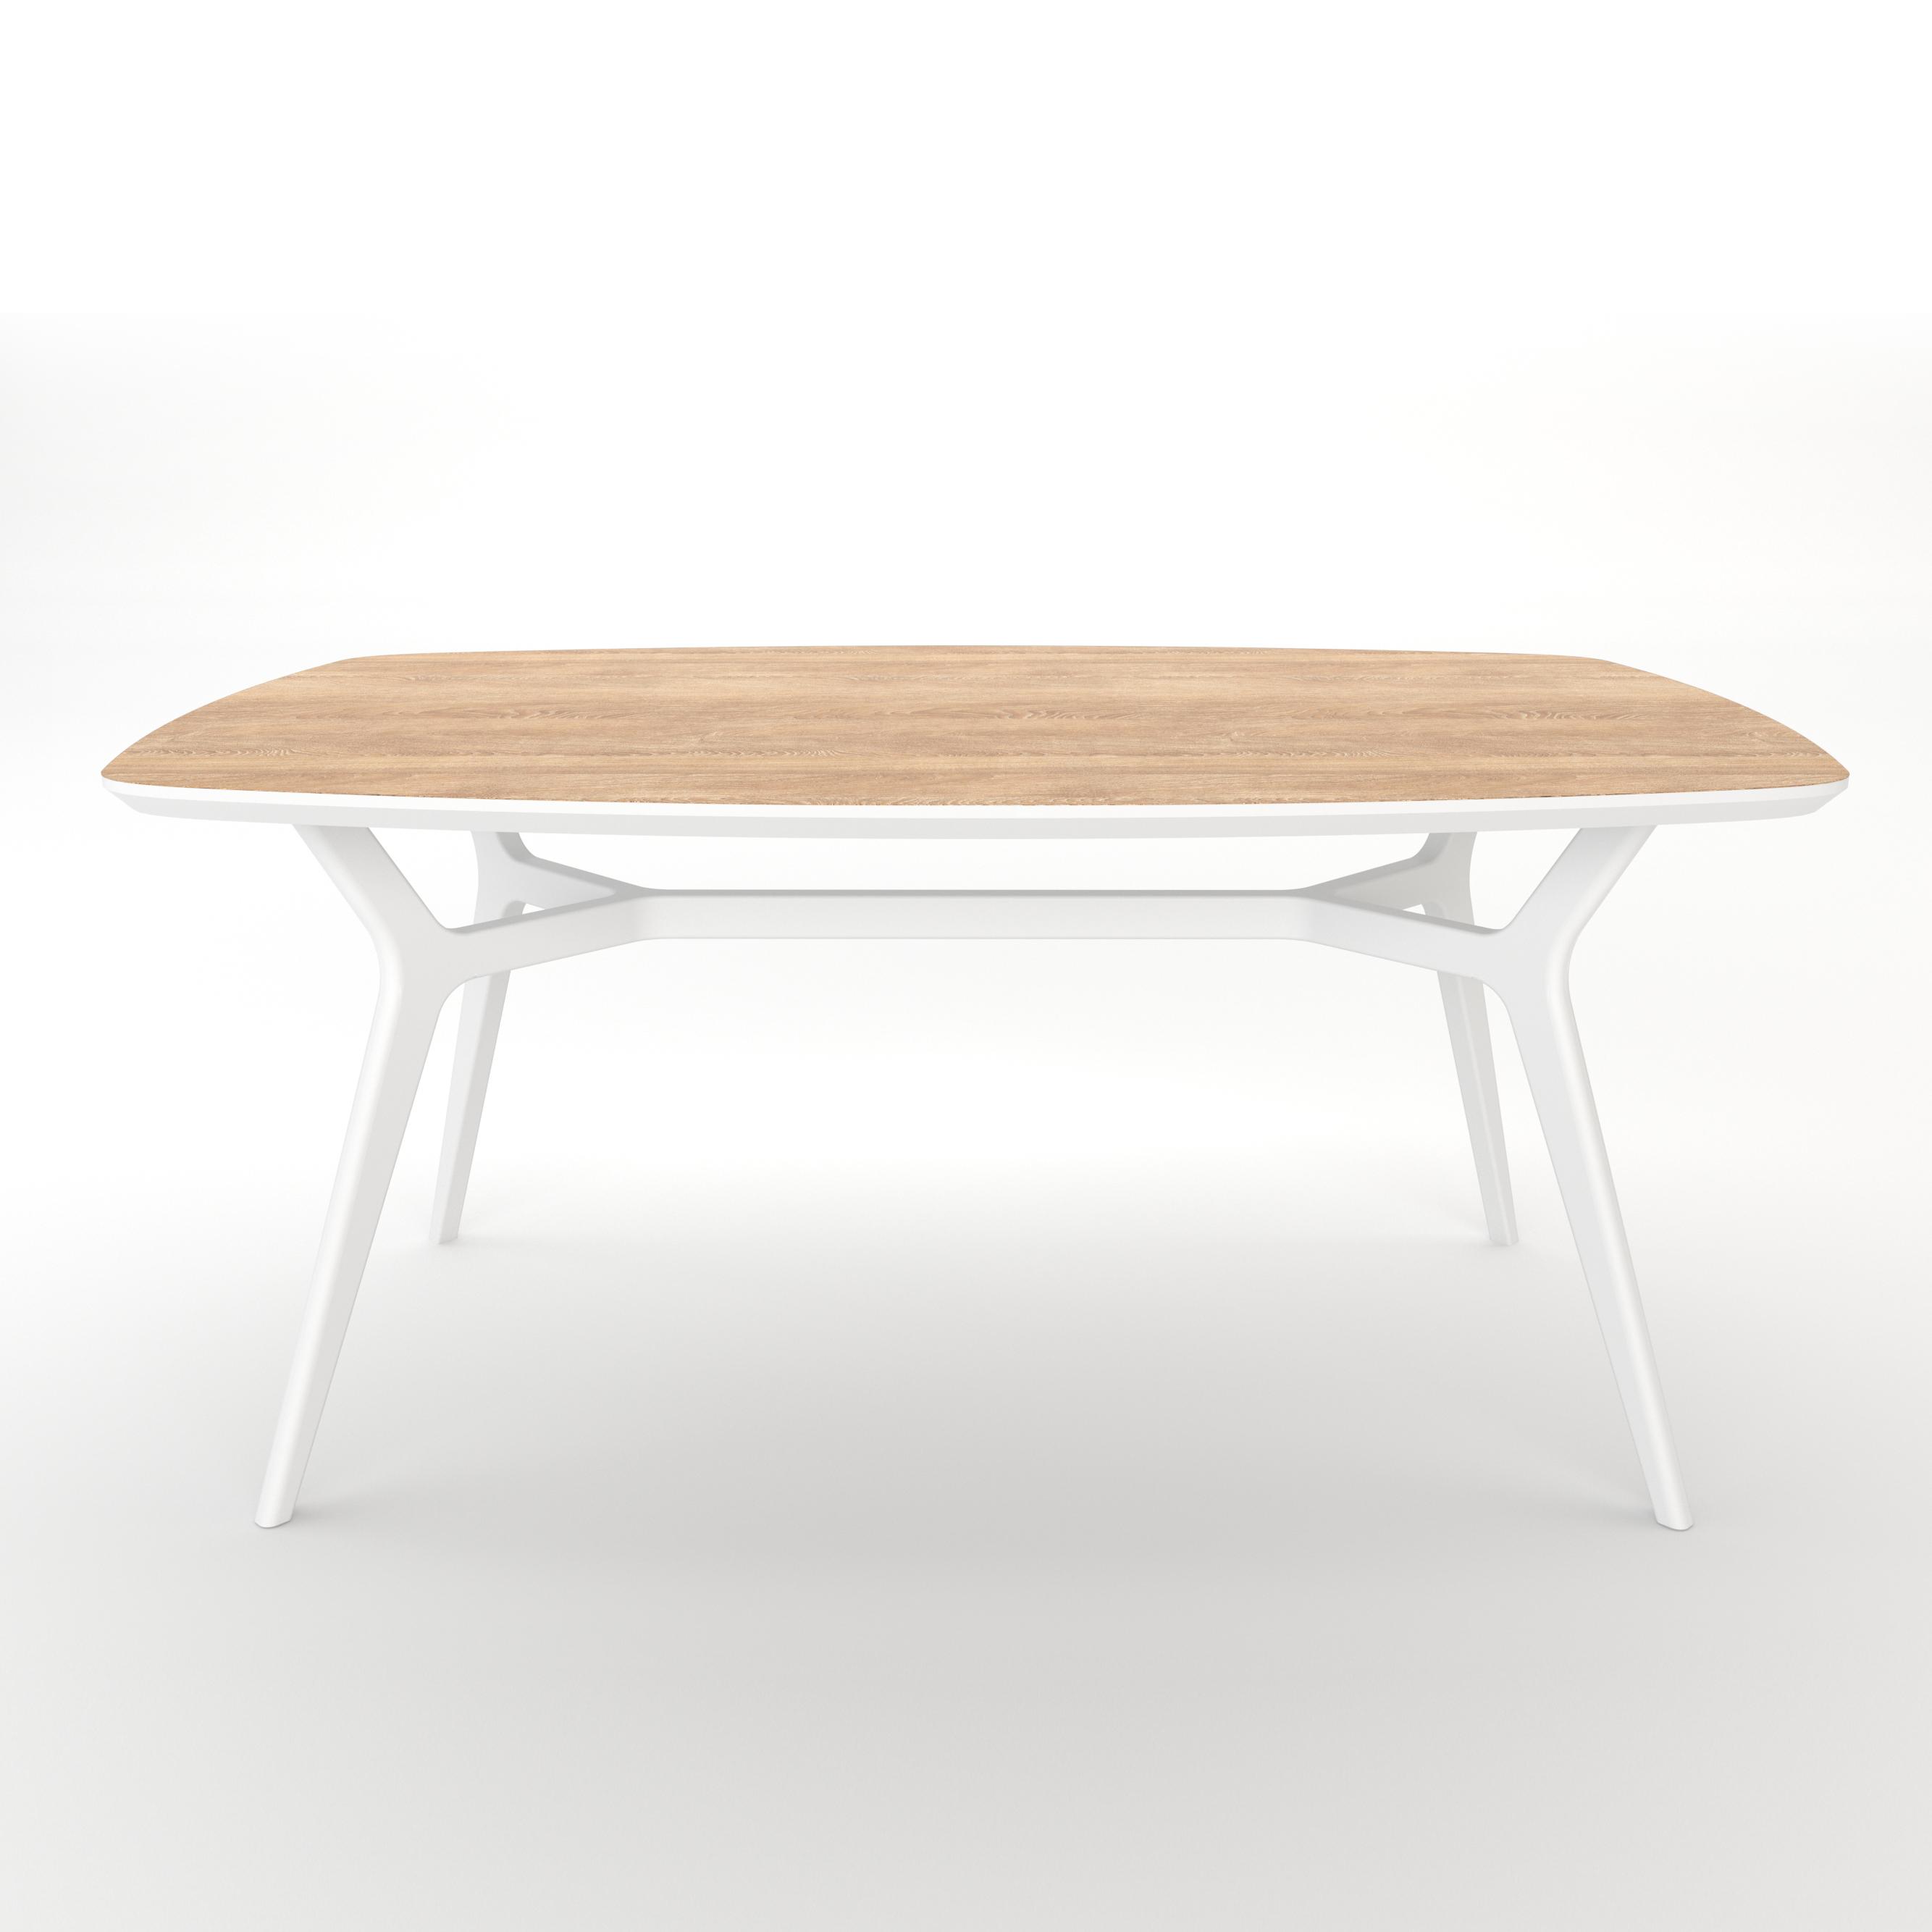 Стол JohannОбеденные столы<br>Тщательная проработка деталей и пропорций стола позволяет ему идеально вписаться в любой интерьер.Отделка столешницы шпоном дуба, подстолье выкрашено в белый цвет. Сборка не требуется.  <br><br>kit: None<br>gender: None